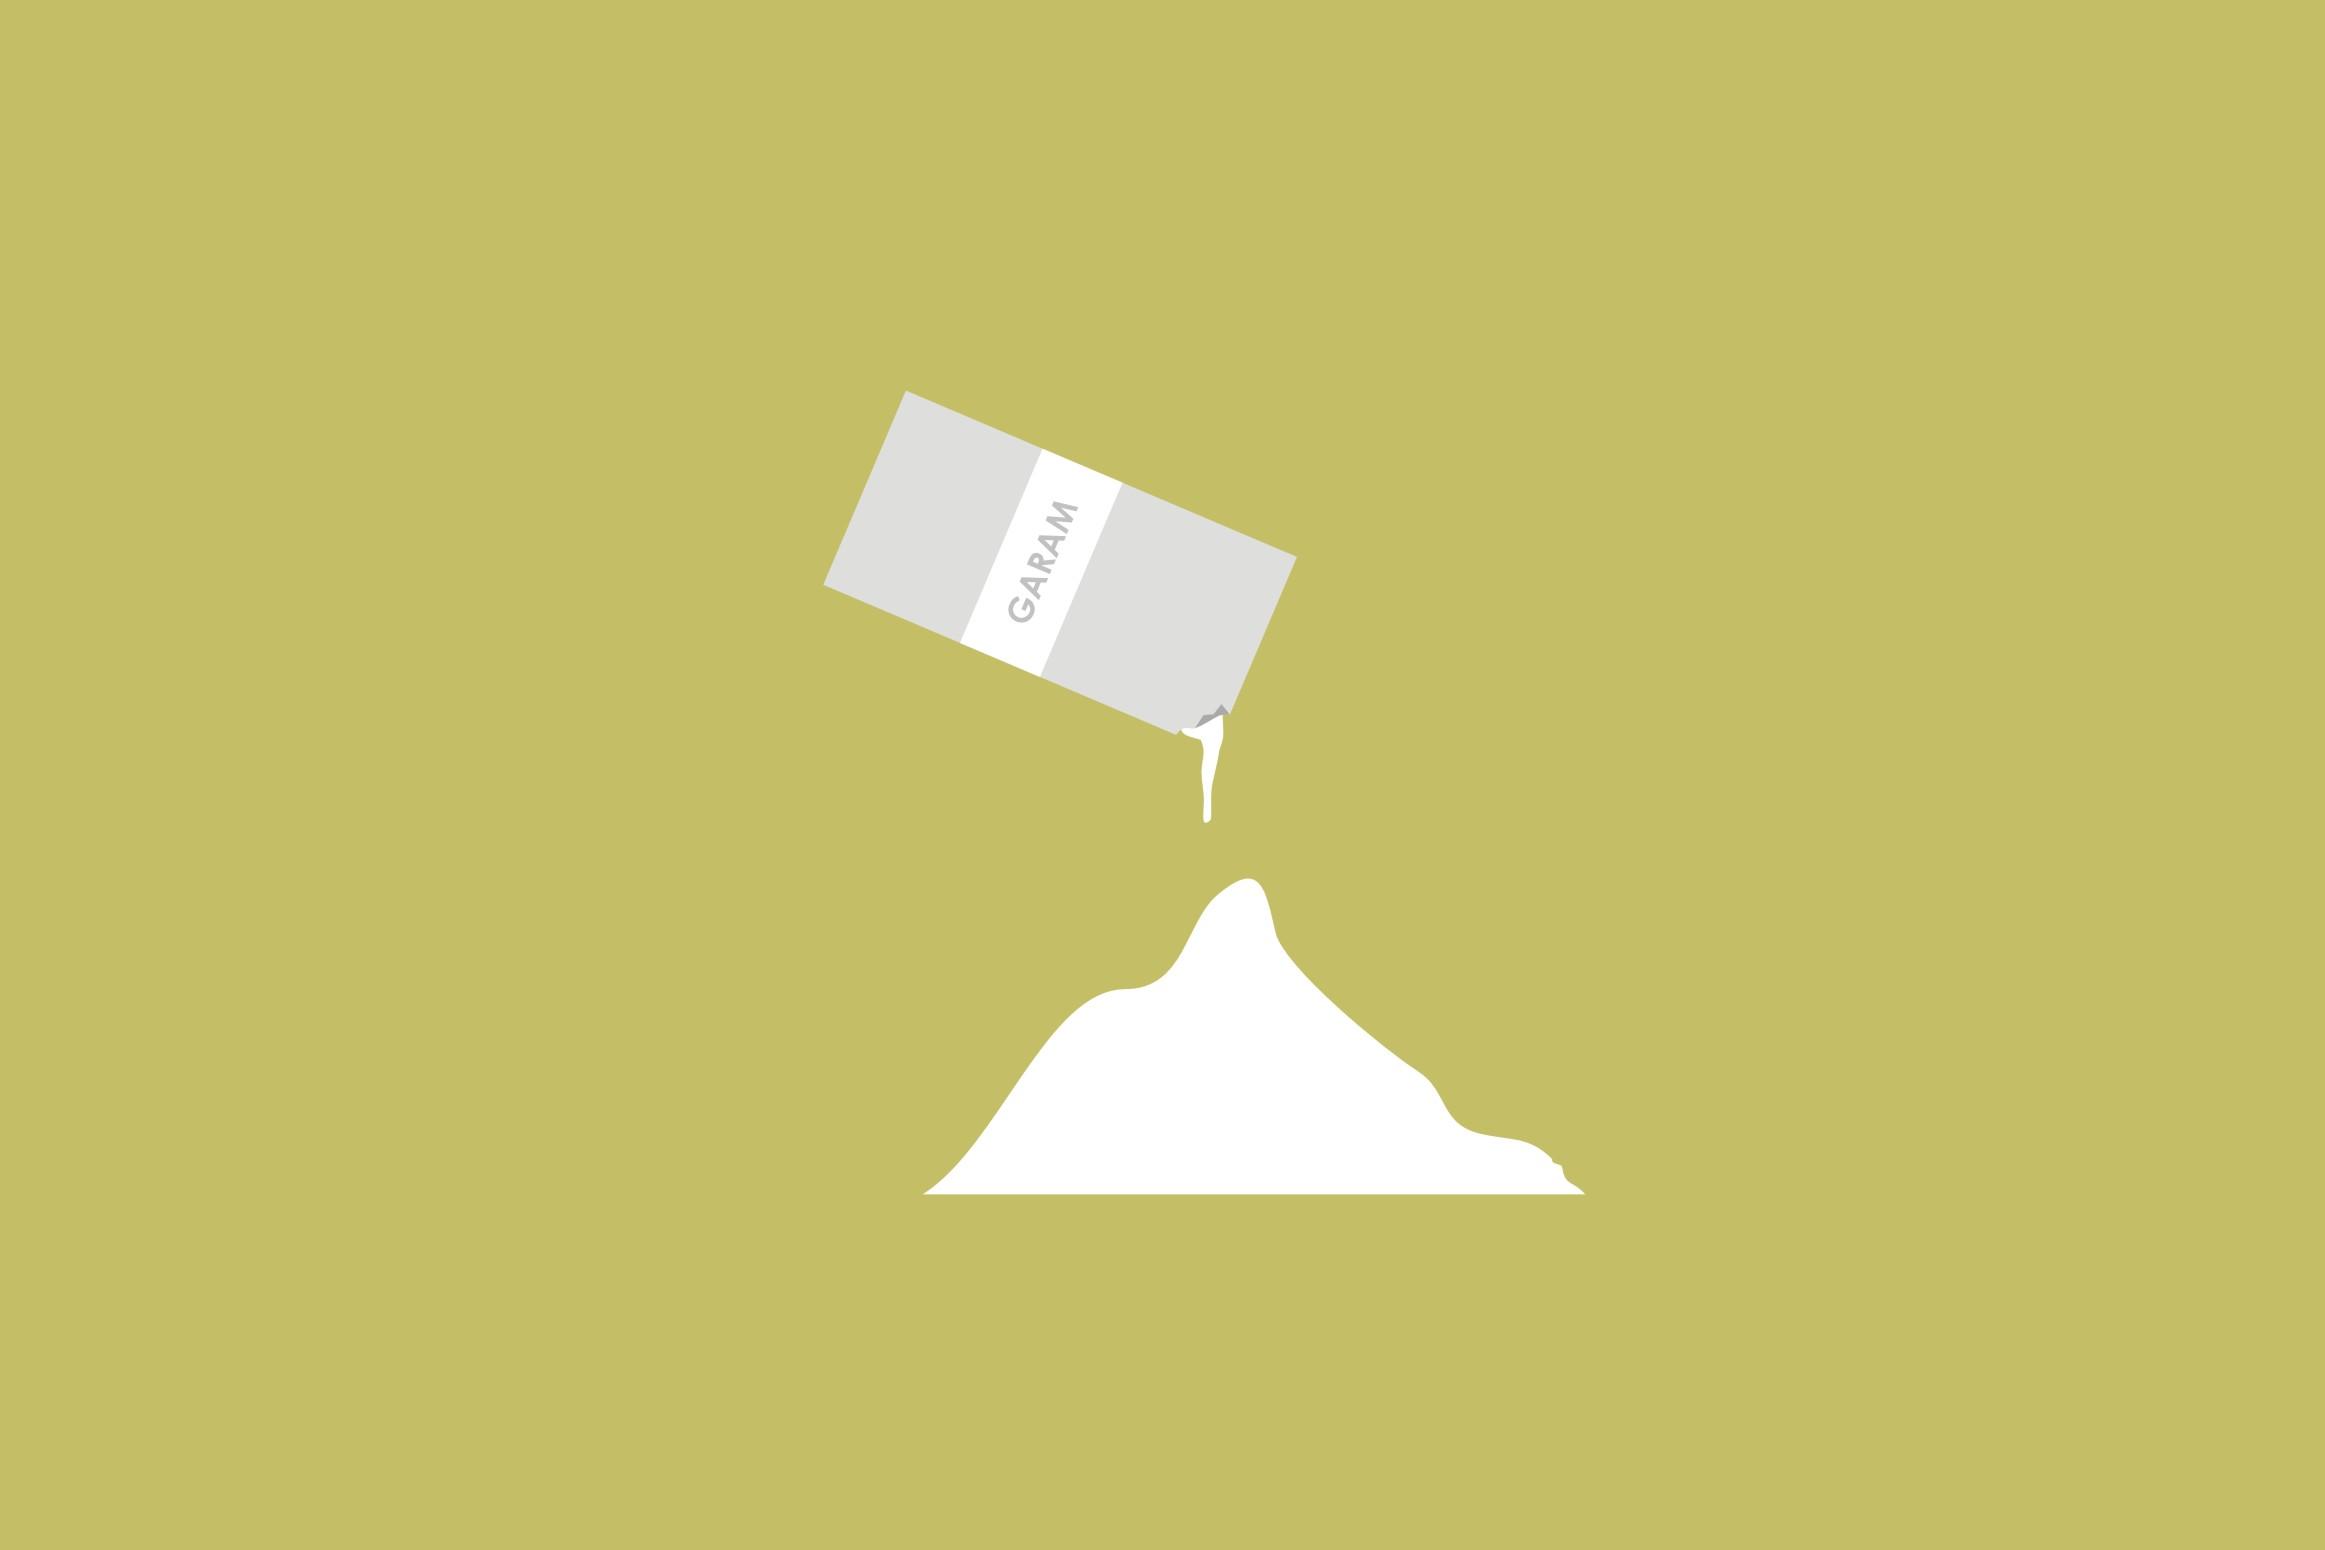 Yuk, hidup sehat & mulai batasi konsumsi garam biar nggak hipertensi